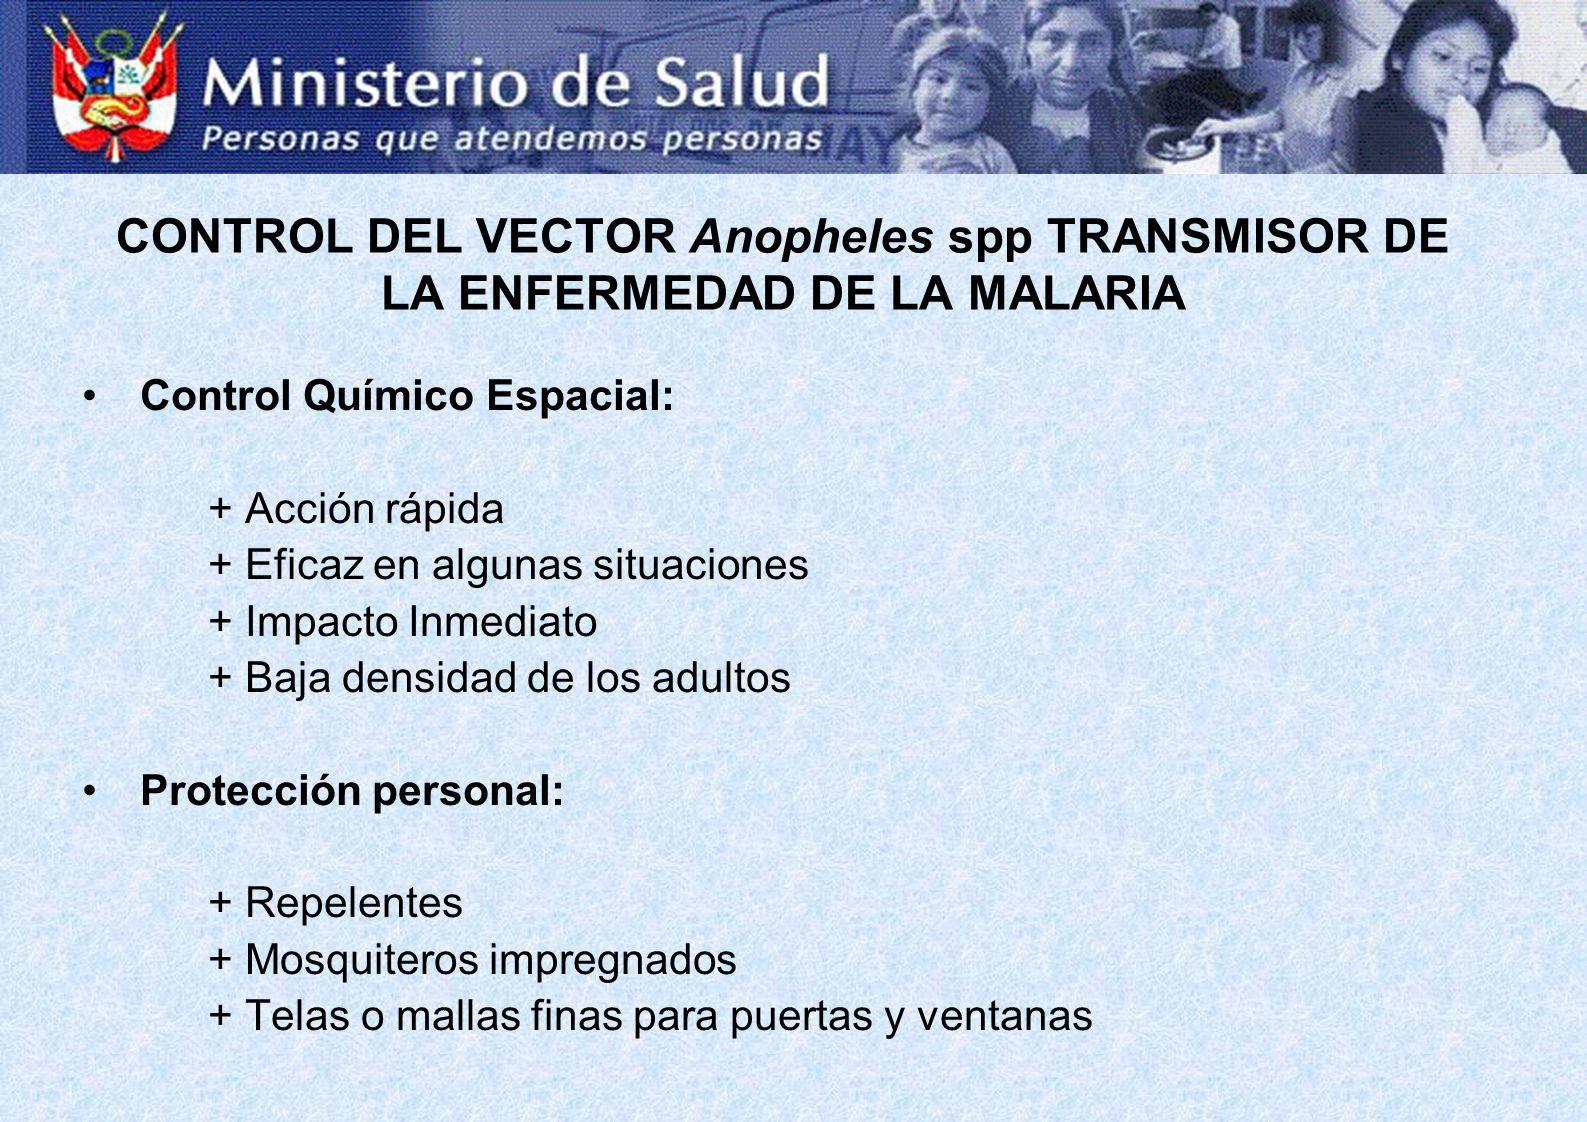 CONTROL DEL VECTOR Anopheles spp TRANSMISOR DE LA ENFERMEDAD DE LA MALARIA Control Químico Espacial: + Acción rápida + Eficaz en algunas situaciones +